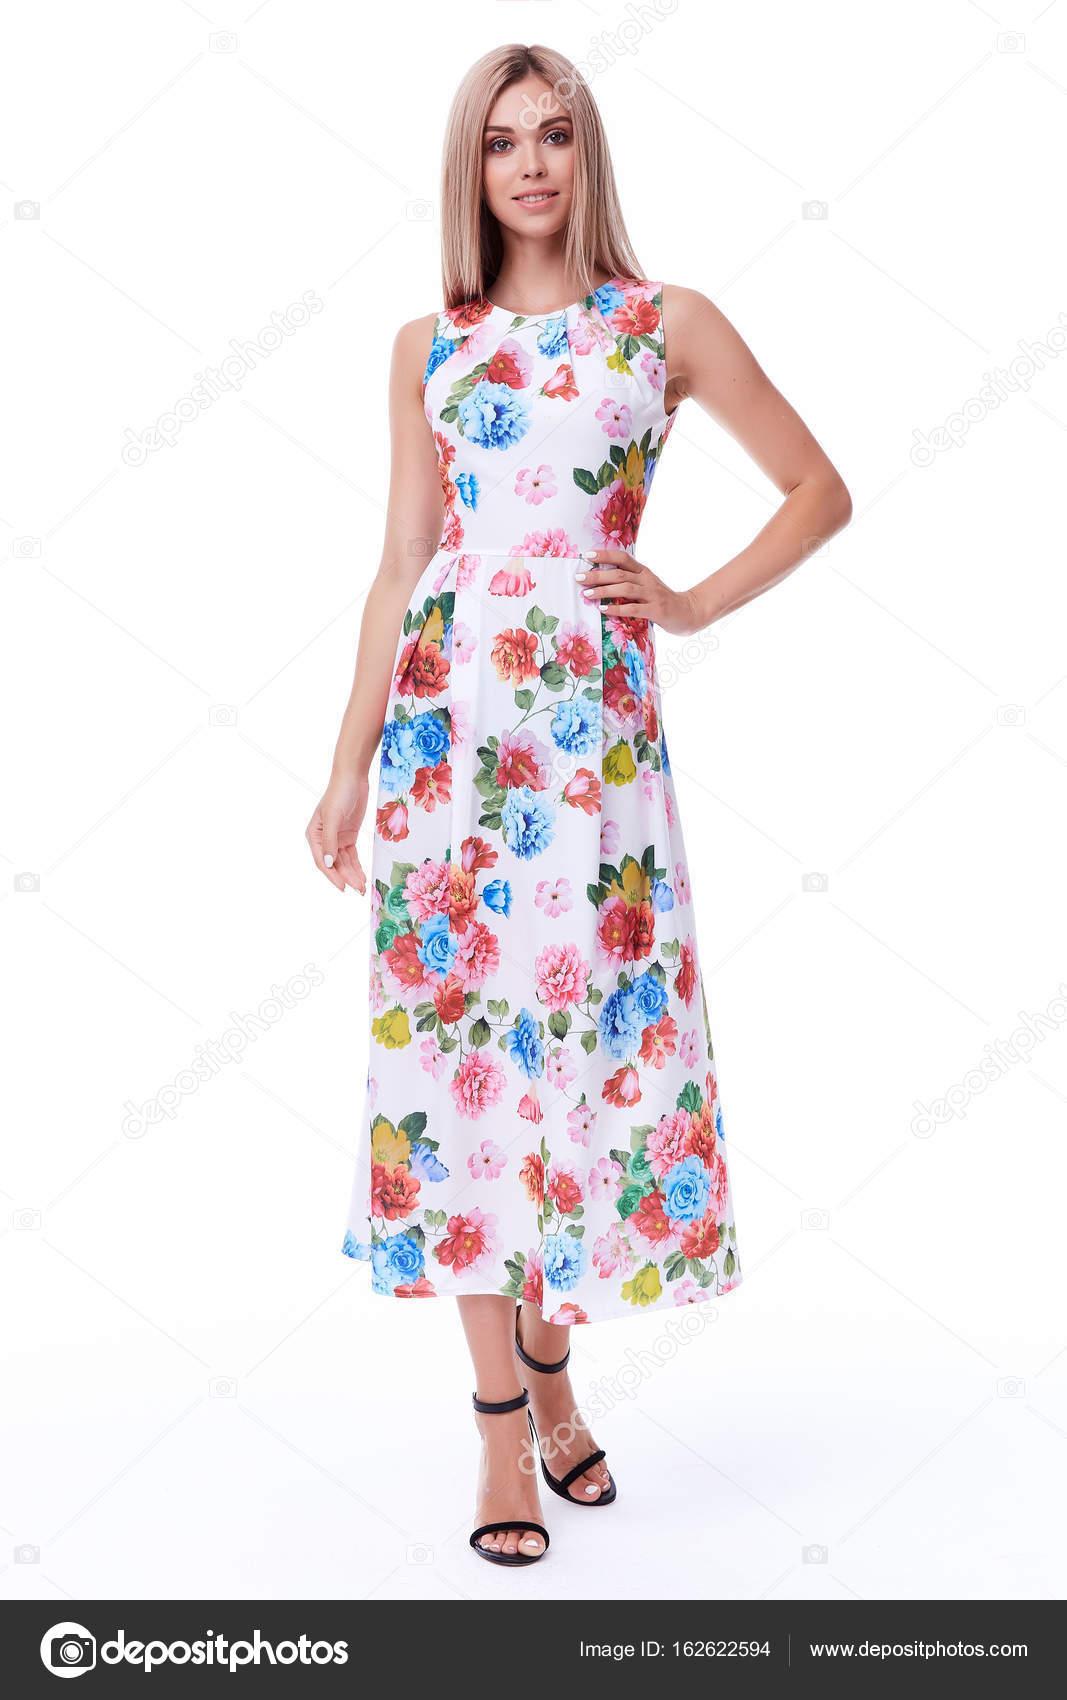 Mode sexy Glamour model schöne Frau hübsches Gesicht langen Blon ...